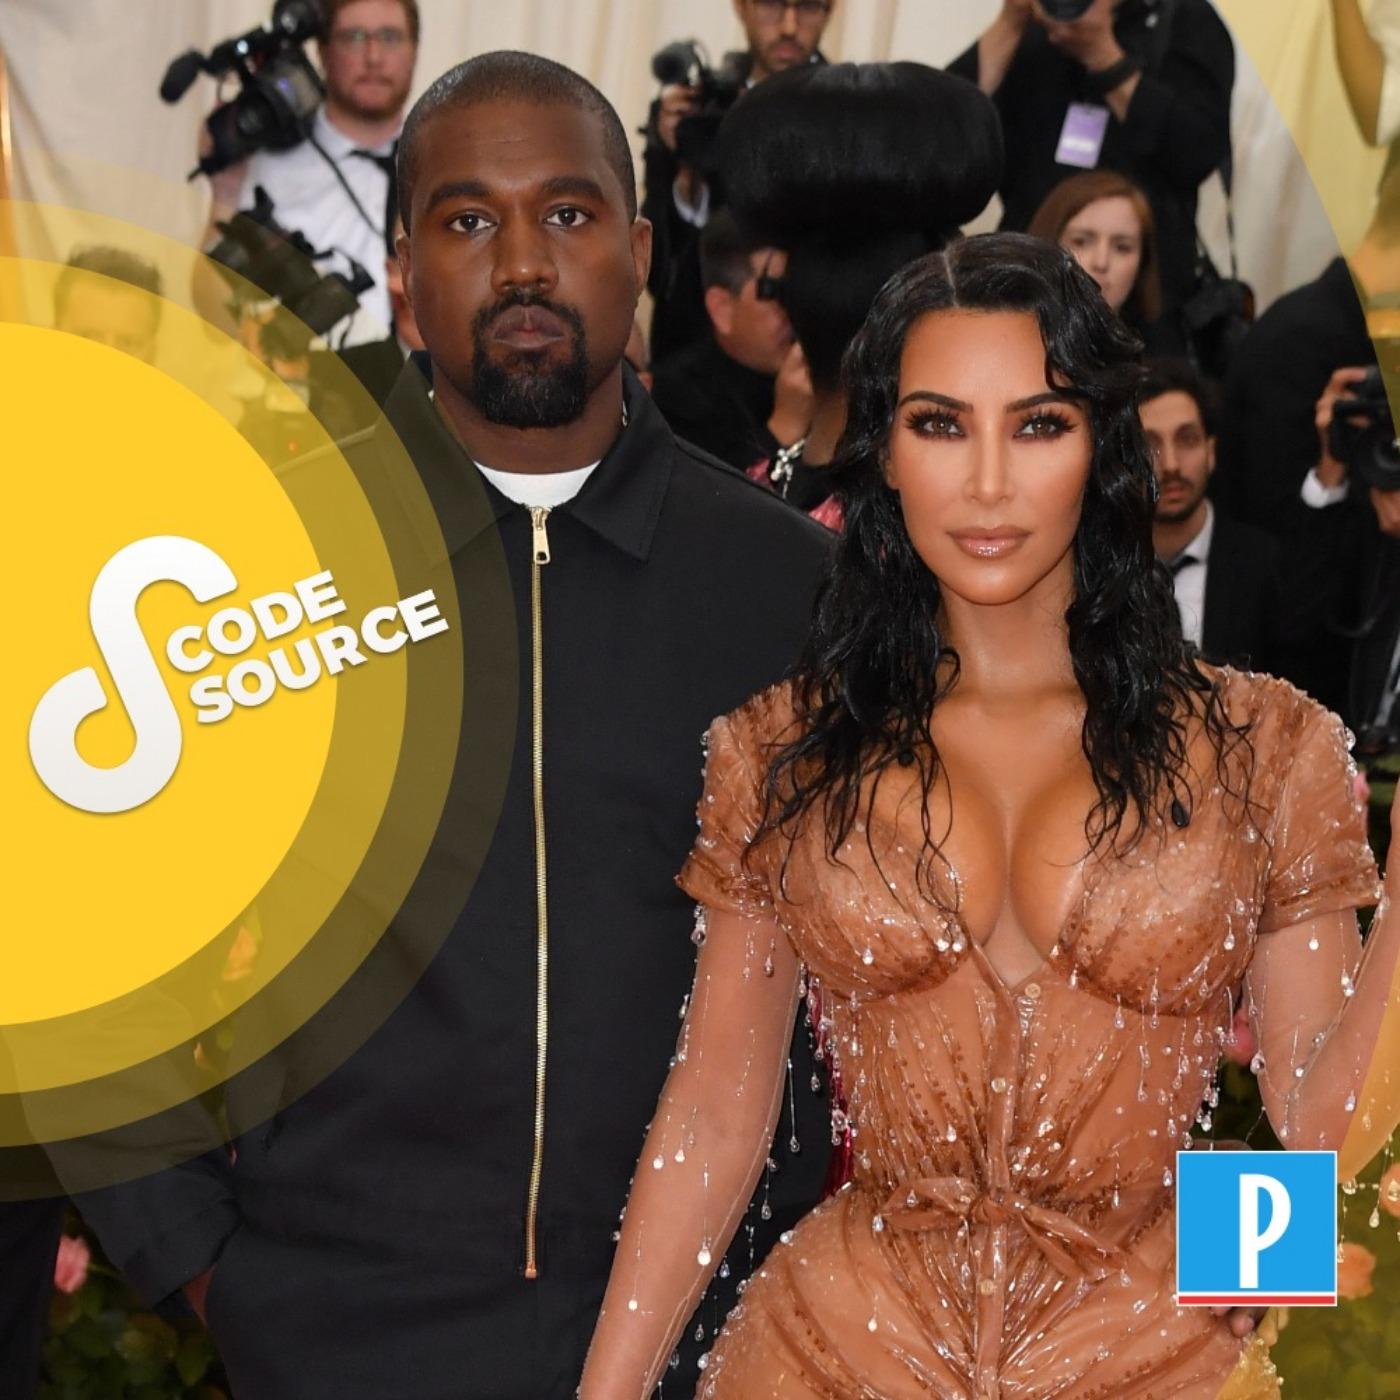 Bague à 4 millions, papys gangsters... L'incroyable braquage de Kim Kardashian (Partie 1)